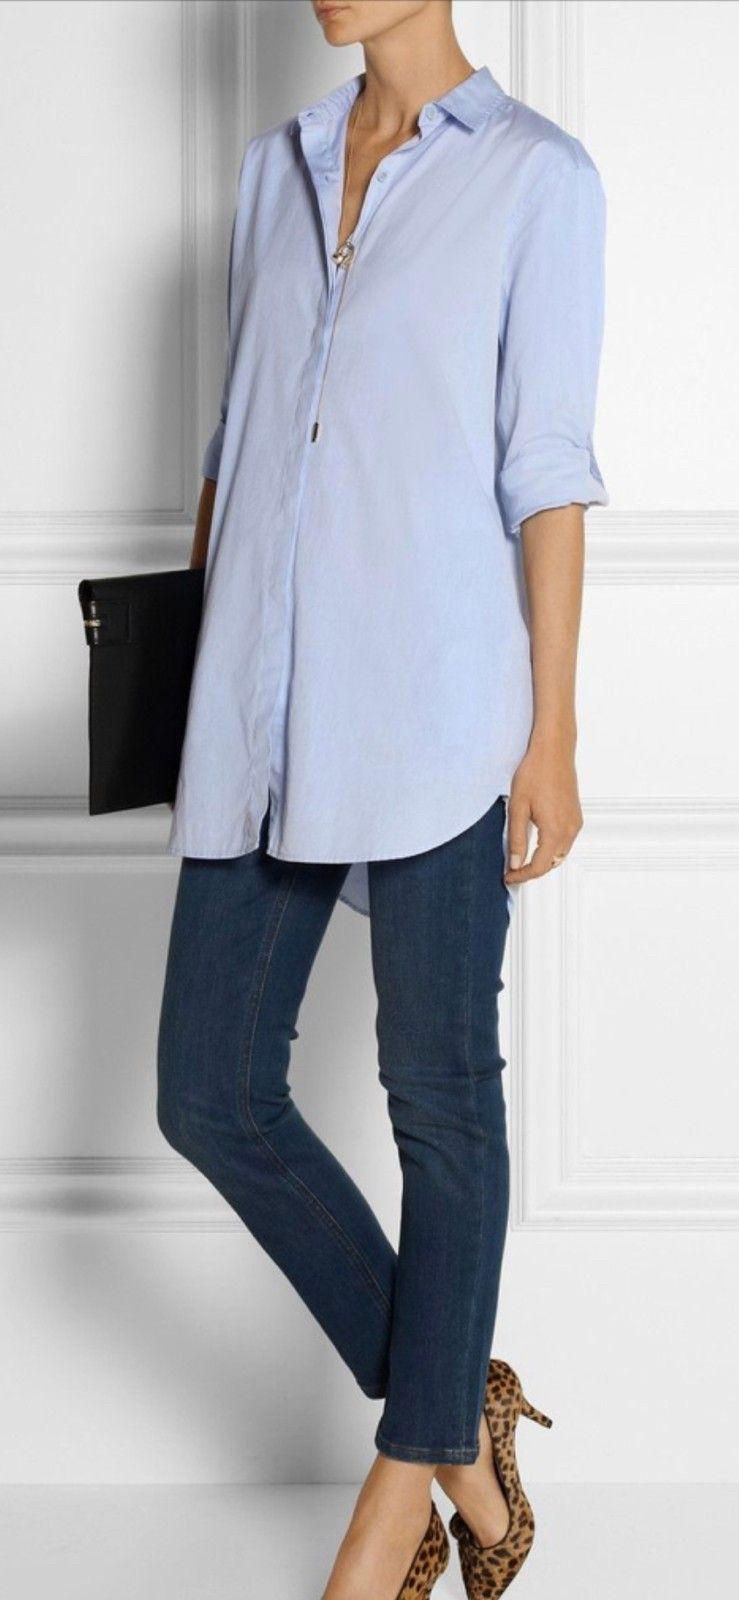 MIH ubrukt lang skjorte lyseblå med oppbrett armene   FINN.no